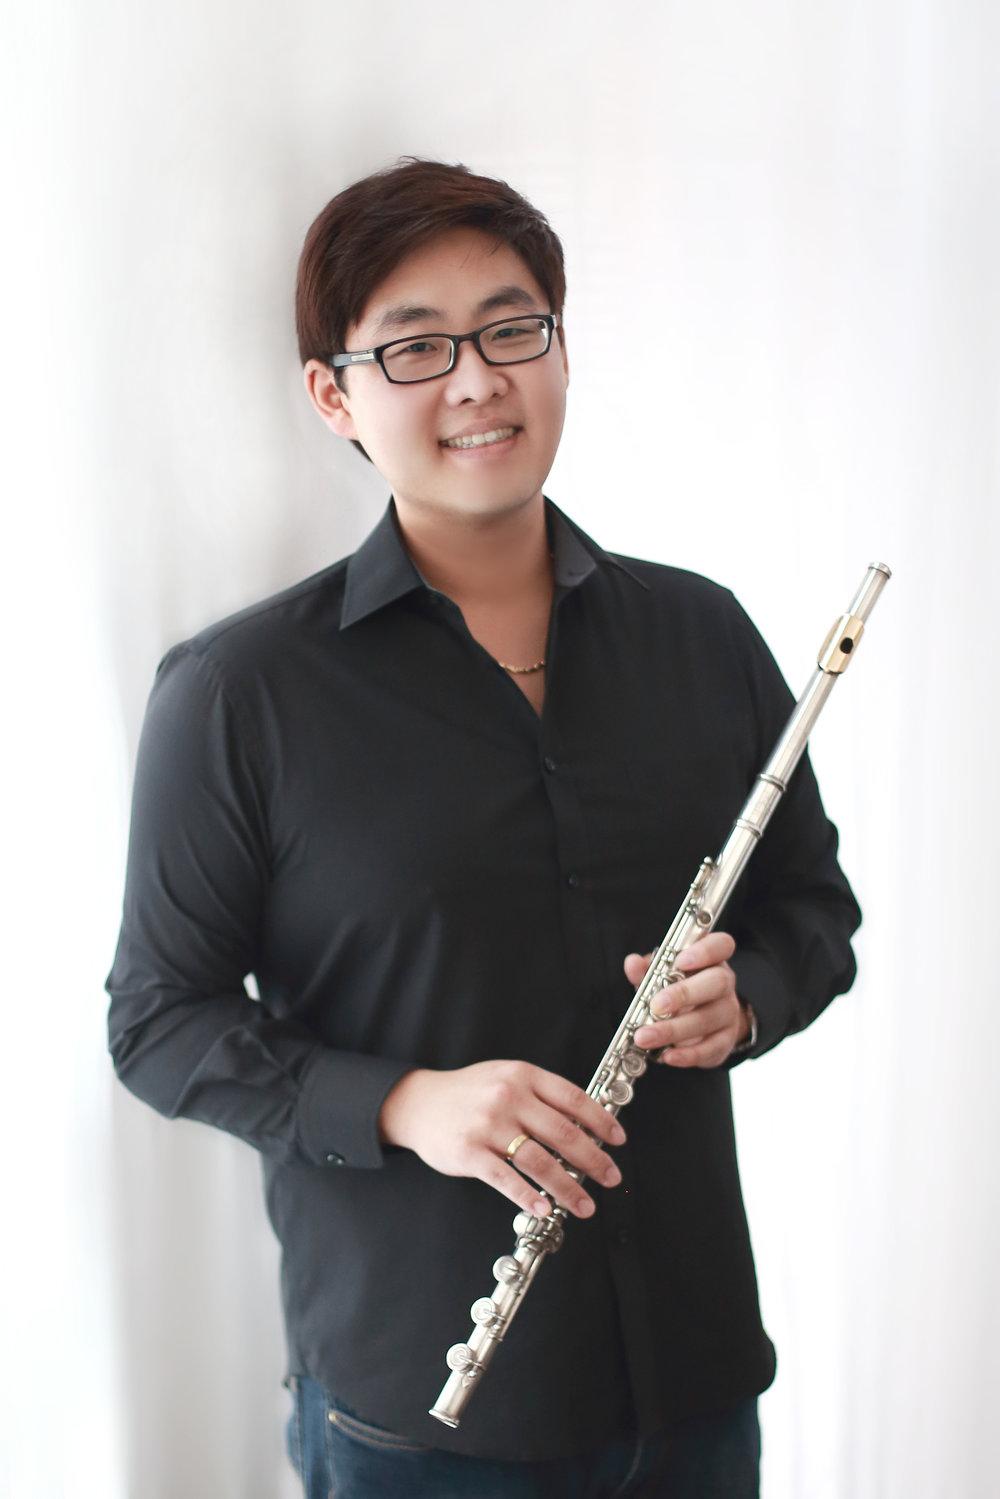 Flute with Daniel (D.Mus.)